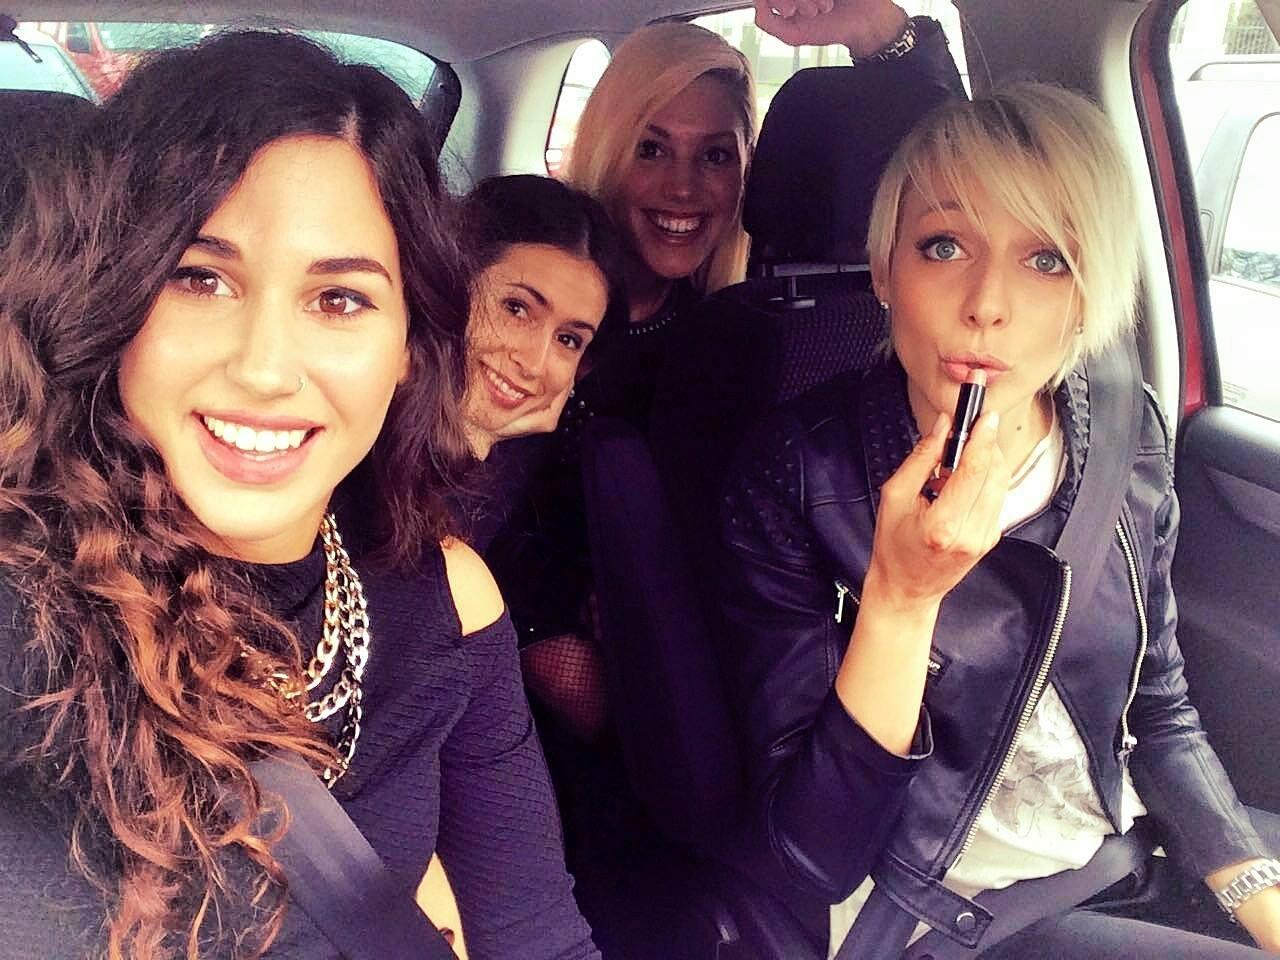 Kako u stvarnosti izgleda život benda i može li se živjeti od glazbe luminize bend cure girl band hrvatski bend nizozemska kako bend cure selfie cura